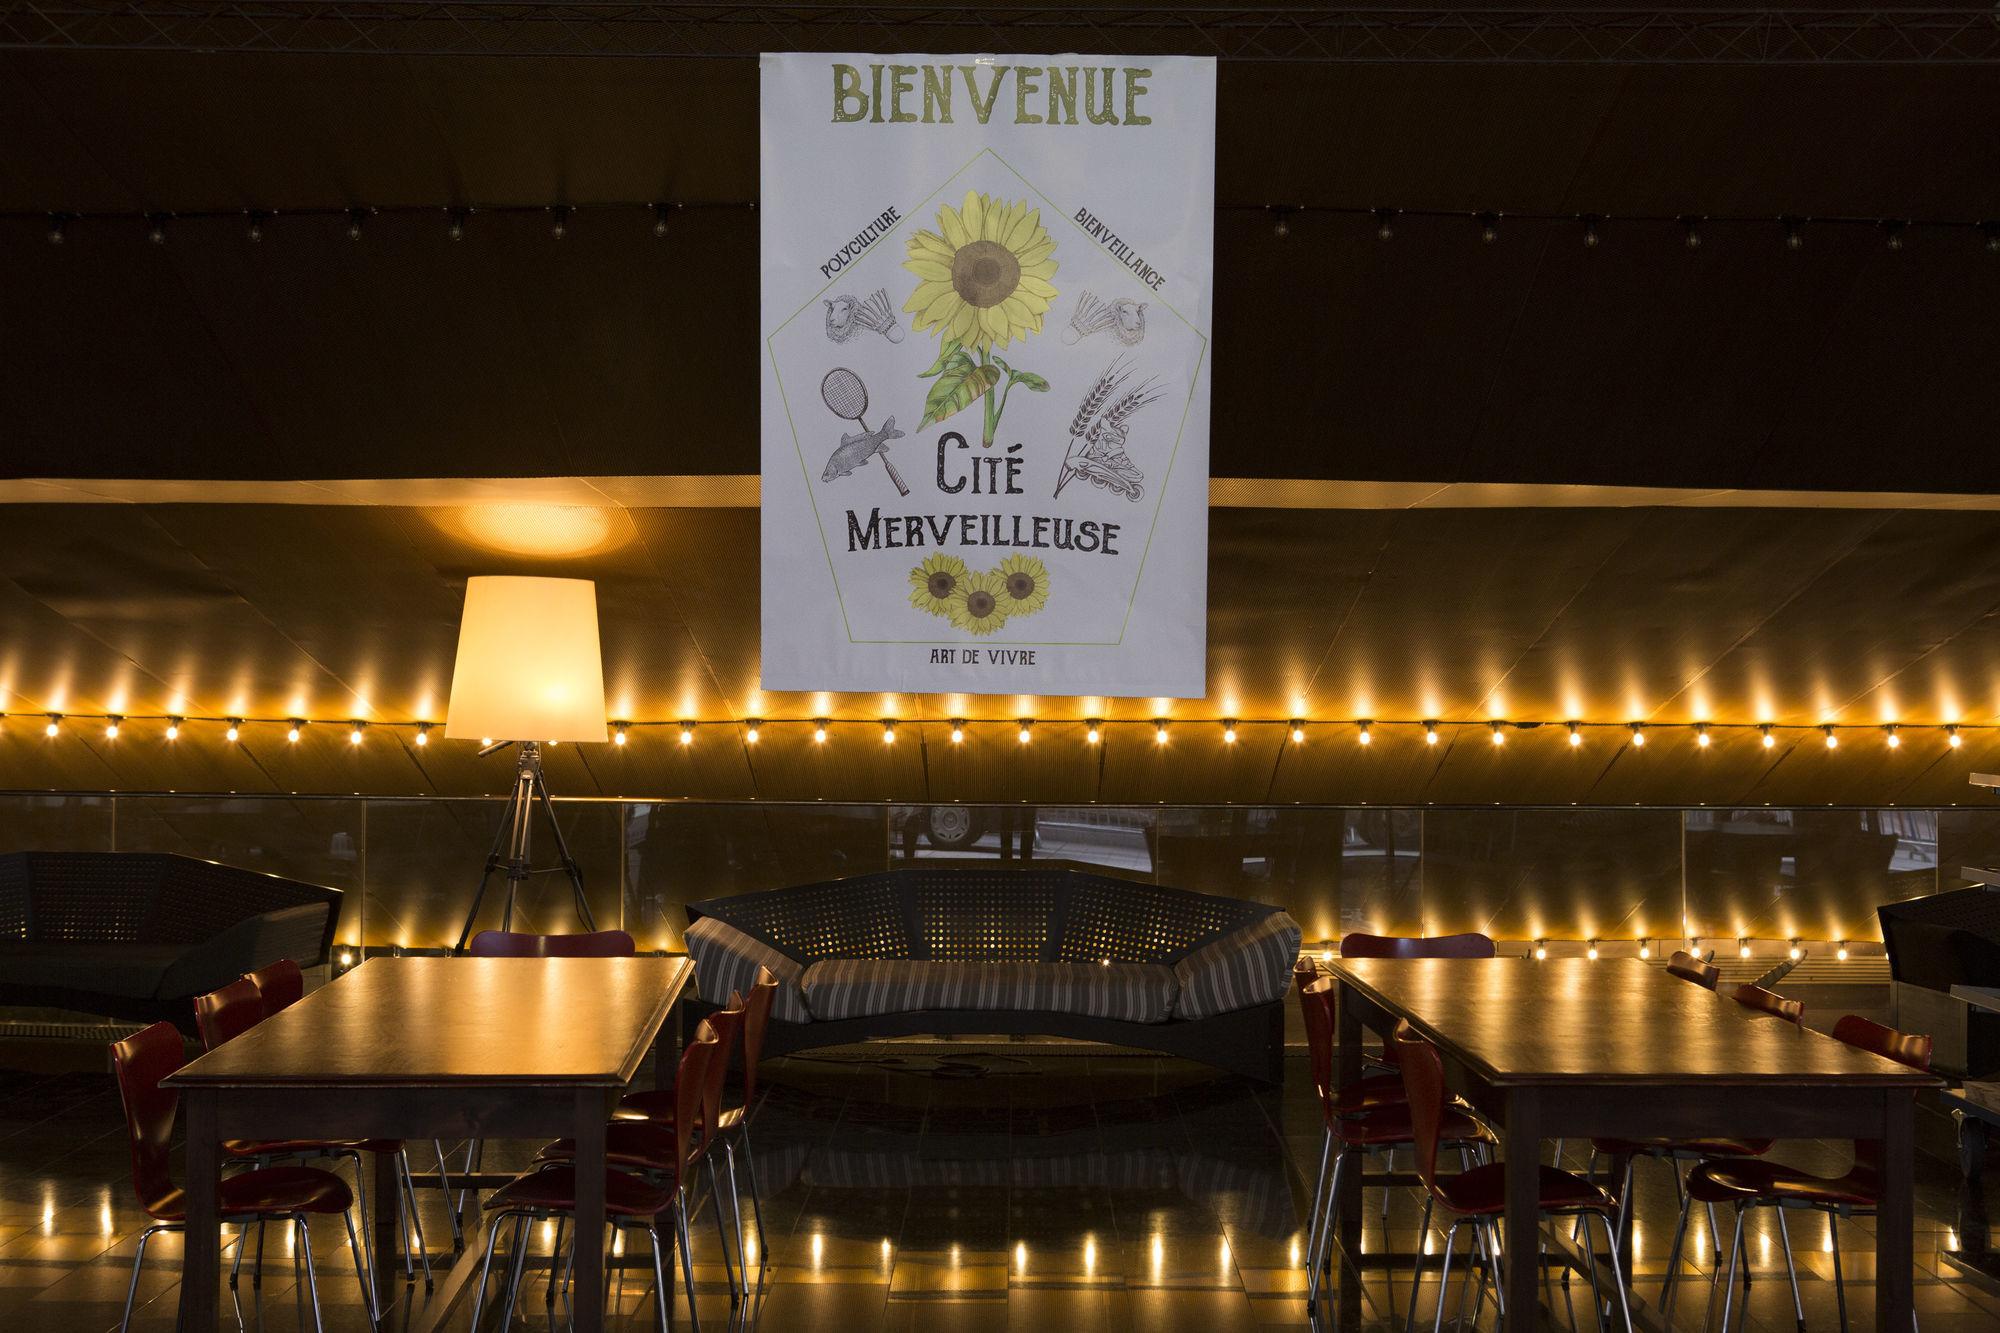 La Cité Merveilleuse - Opéra Pagaï